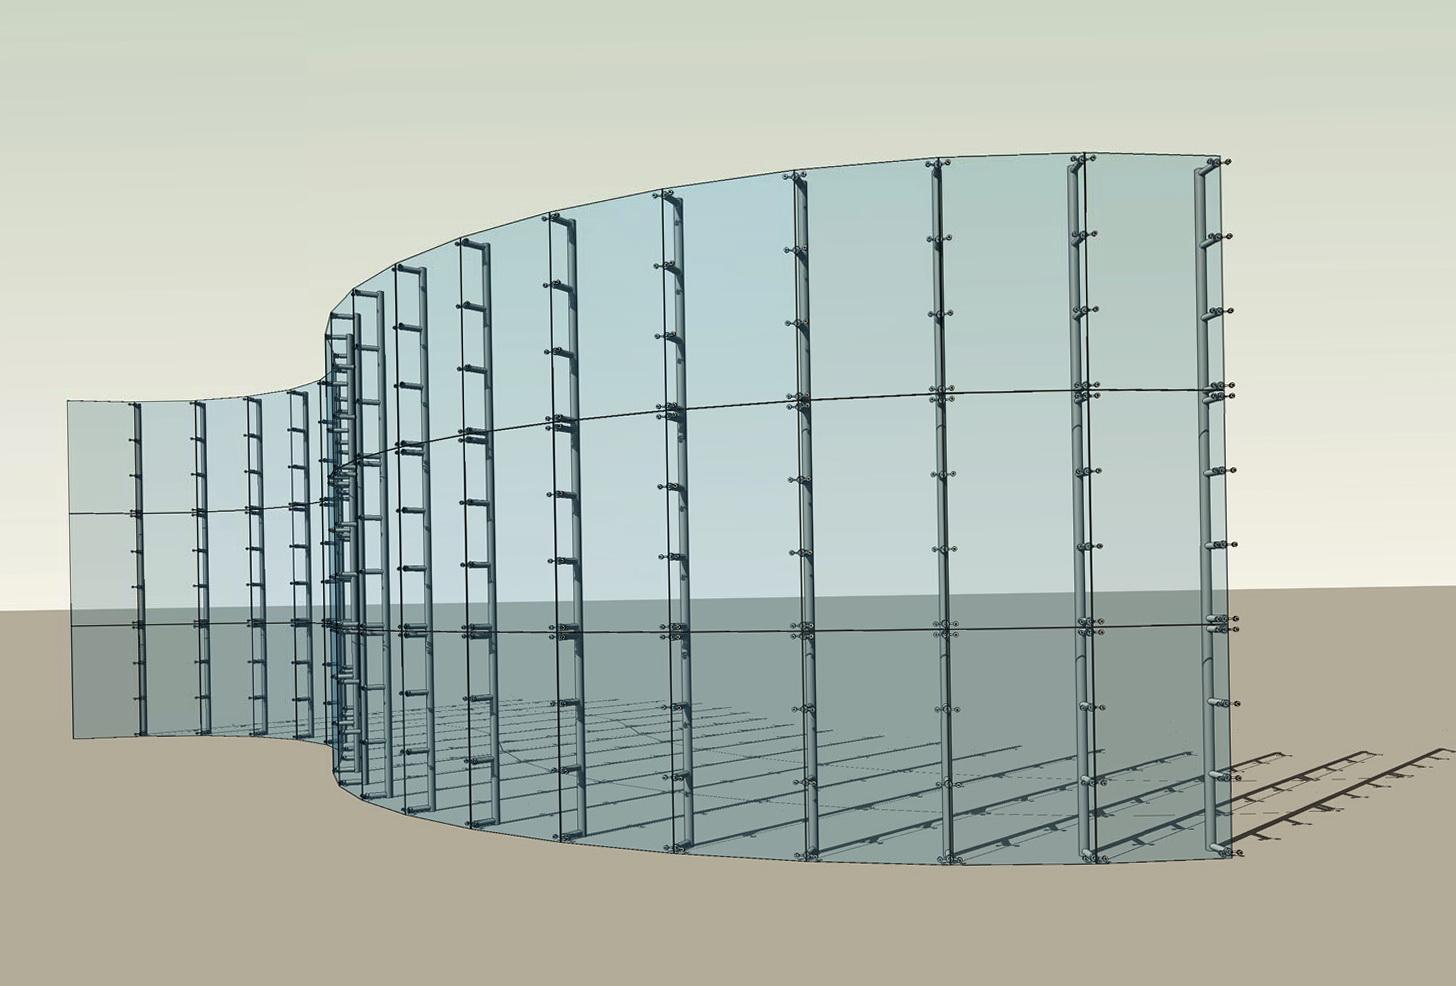 Curtain Wall Home : Curtain wall design revit home ideas